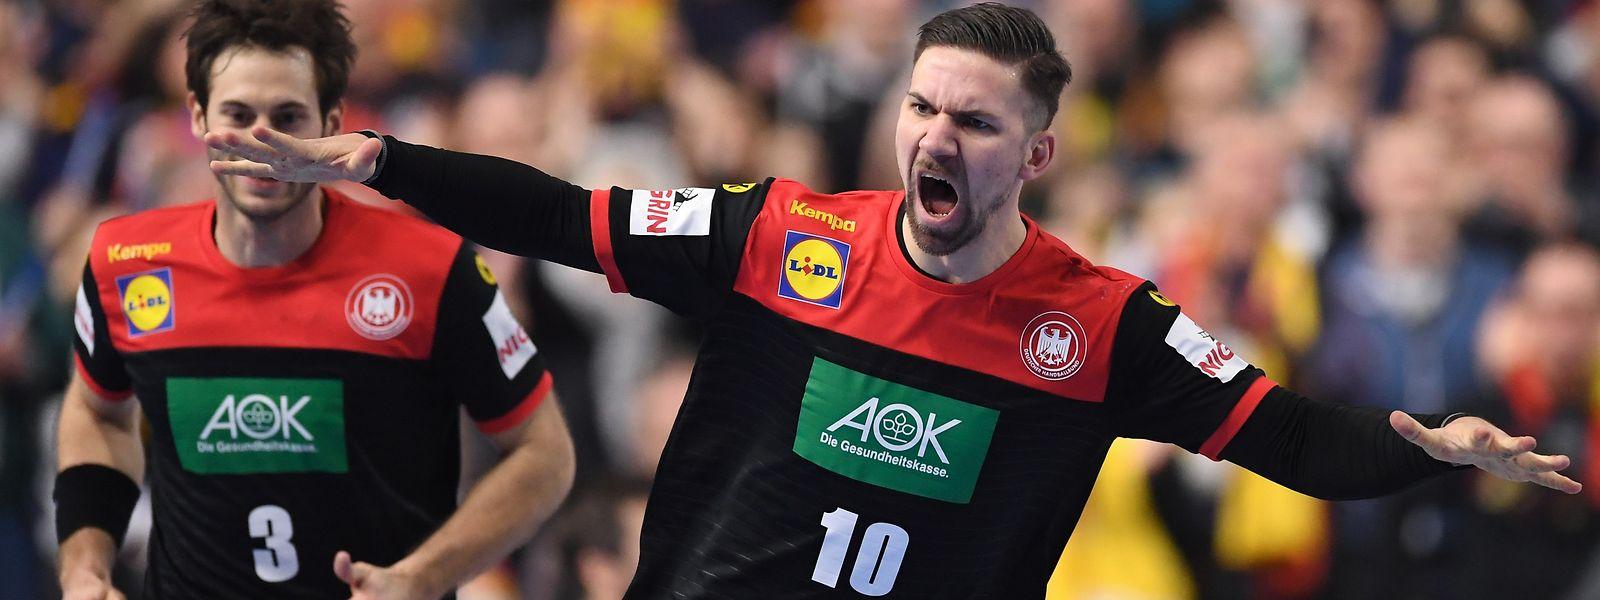 Fabian Wiede wird zum Spieler der Partie gewählt.